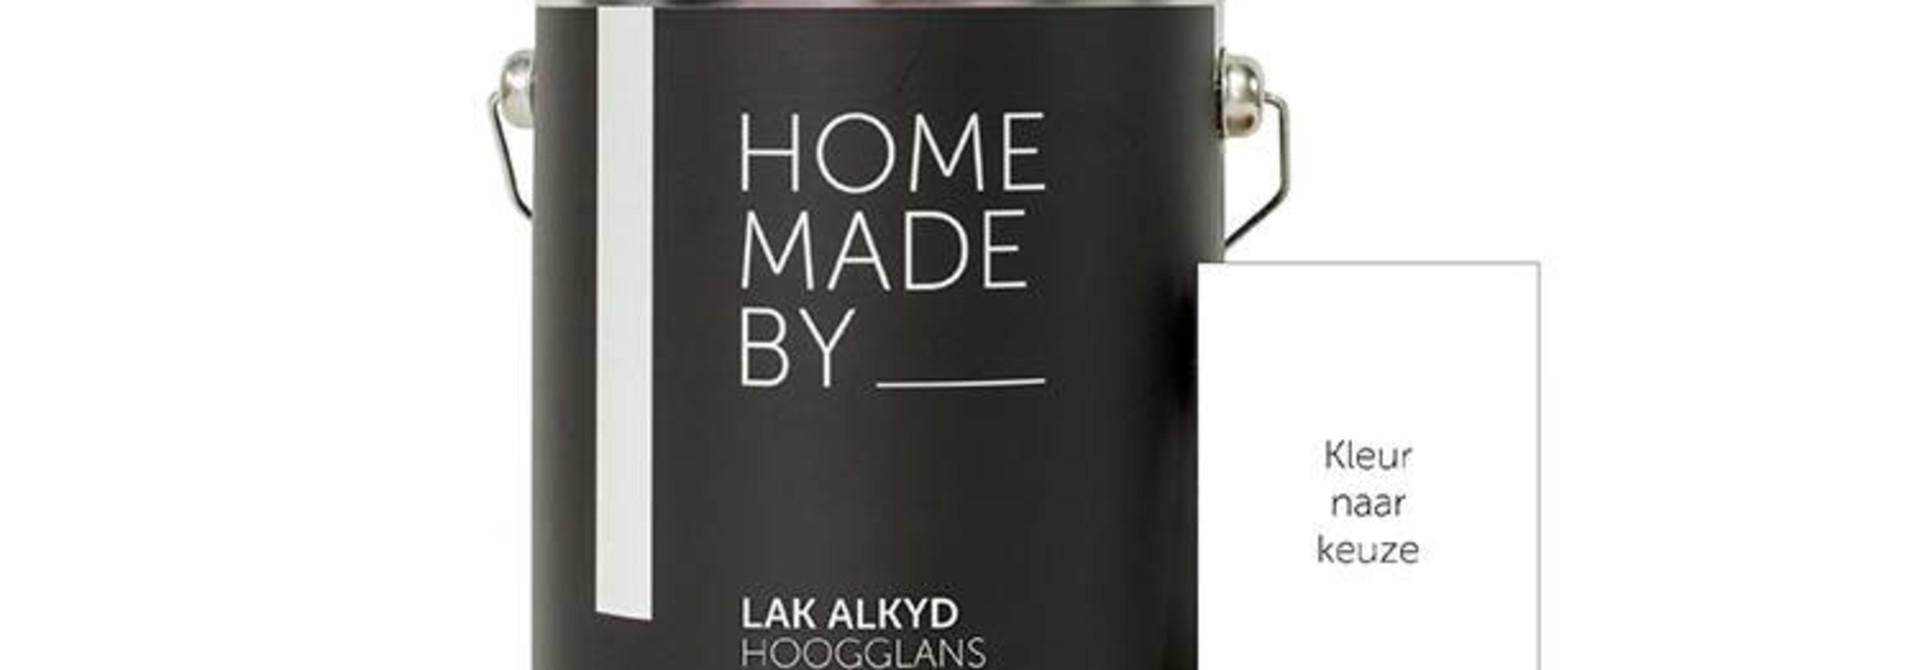 Lak Alkyd Hoogglans